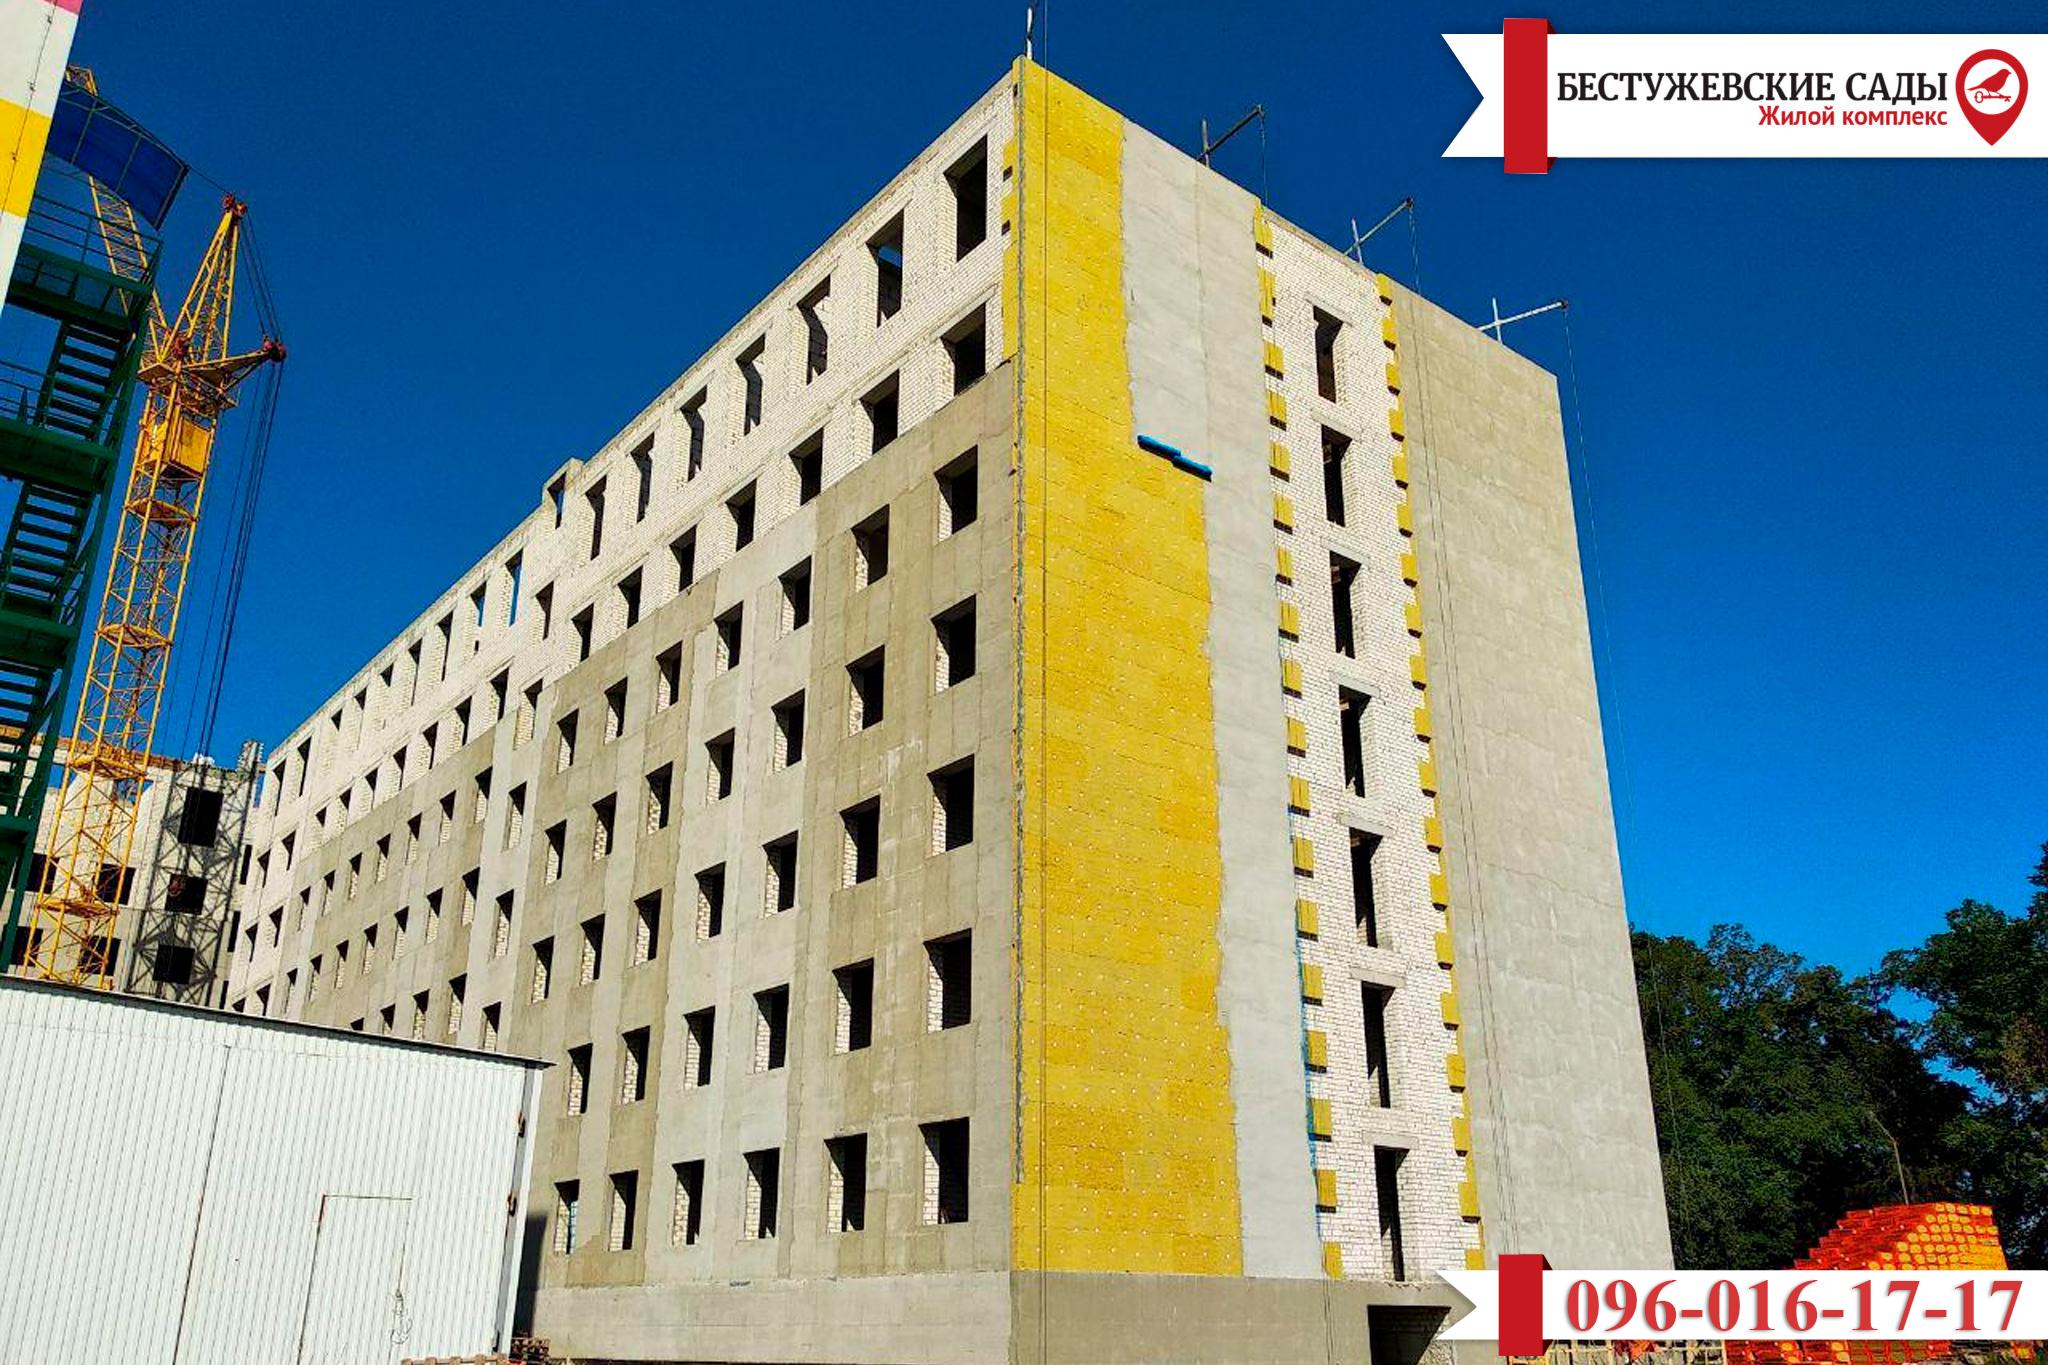 Появилась новая информация по поводу строительства дома «Бестужевские Сады»